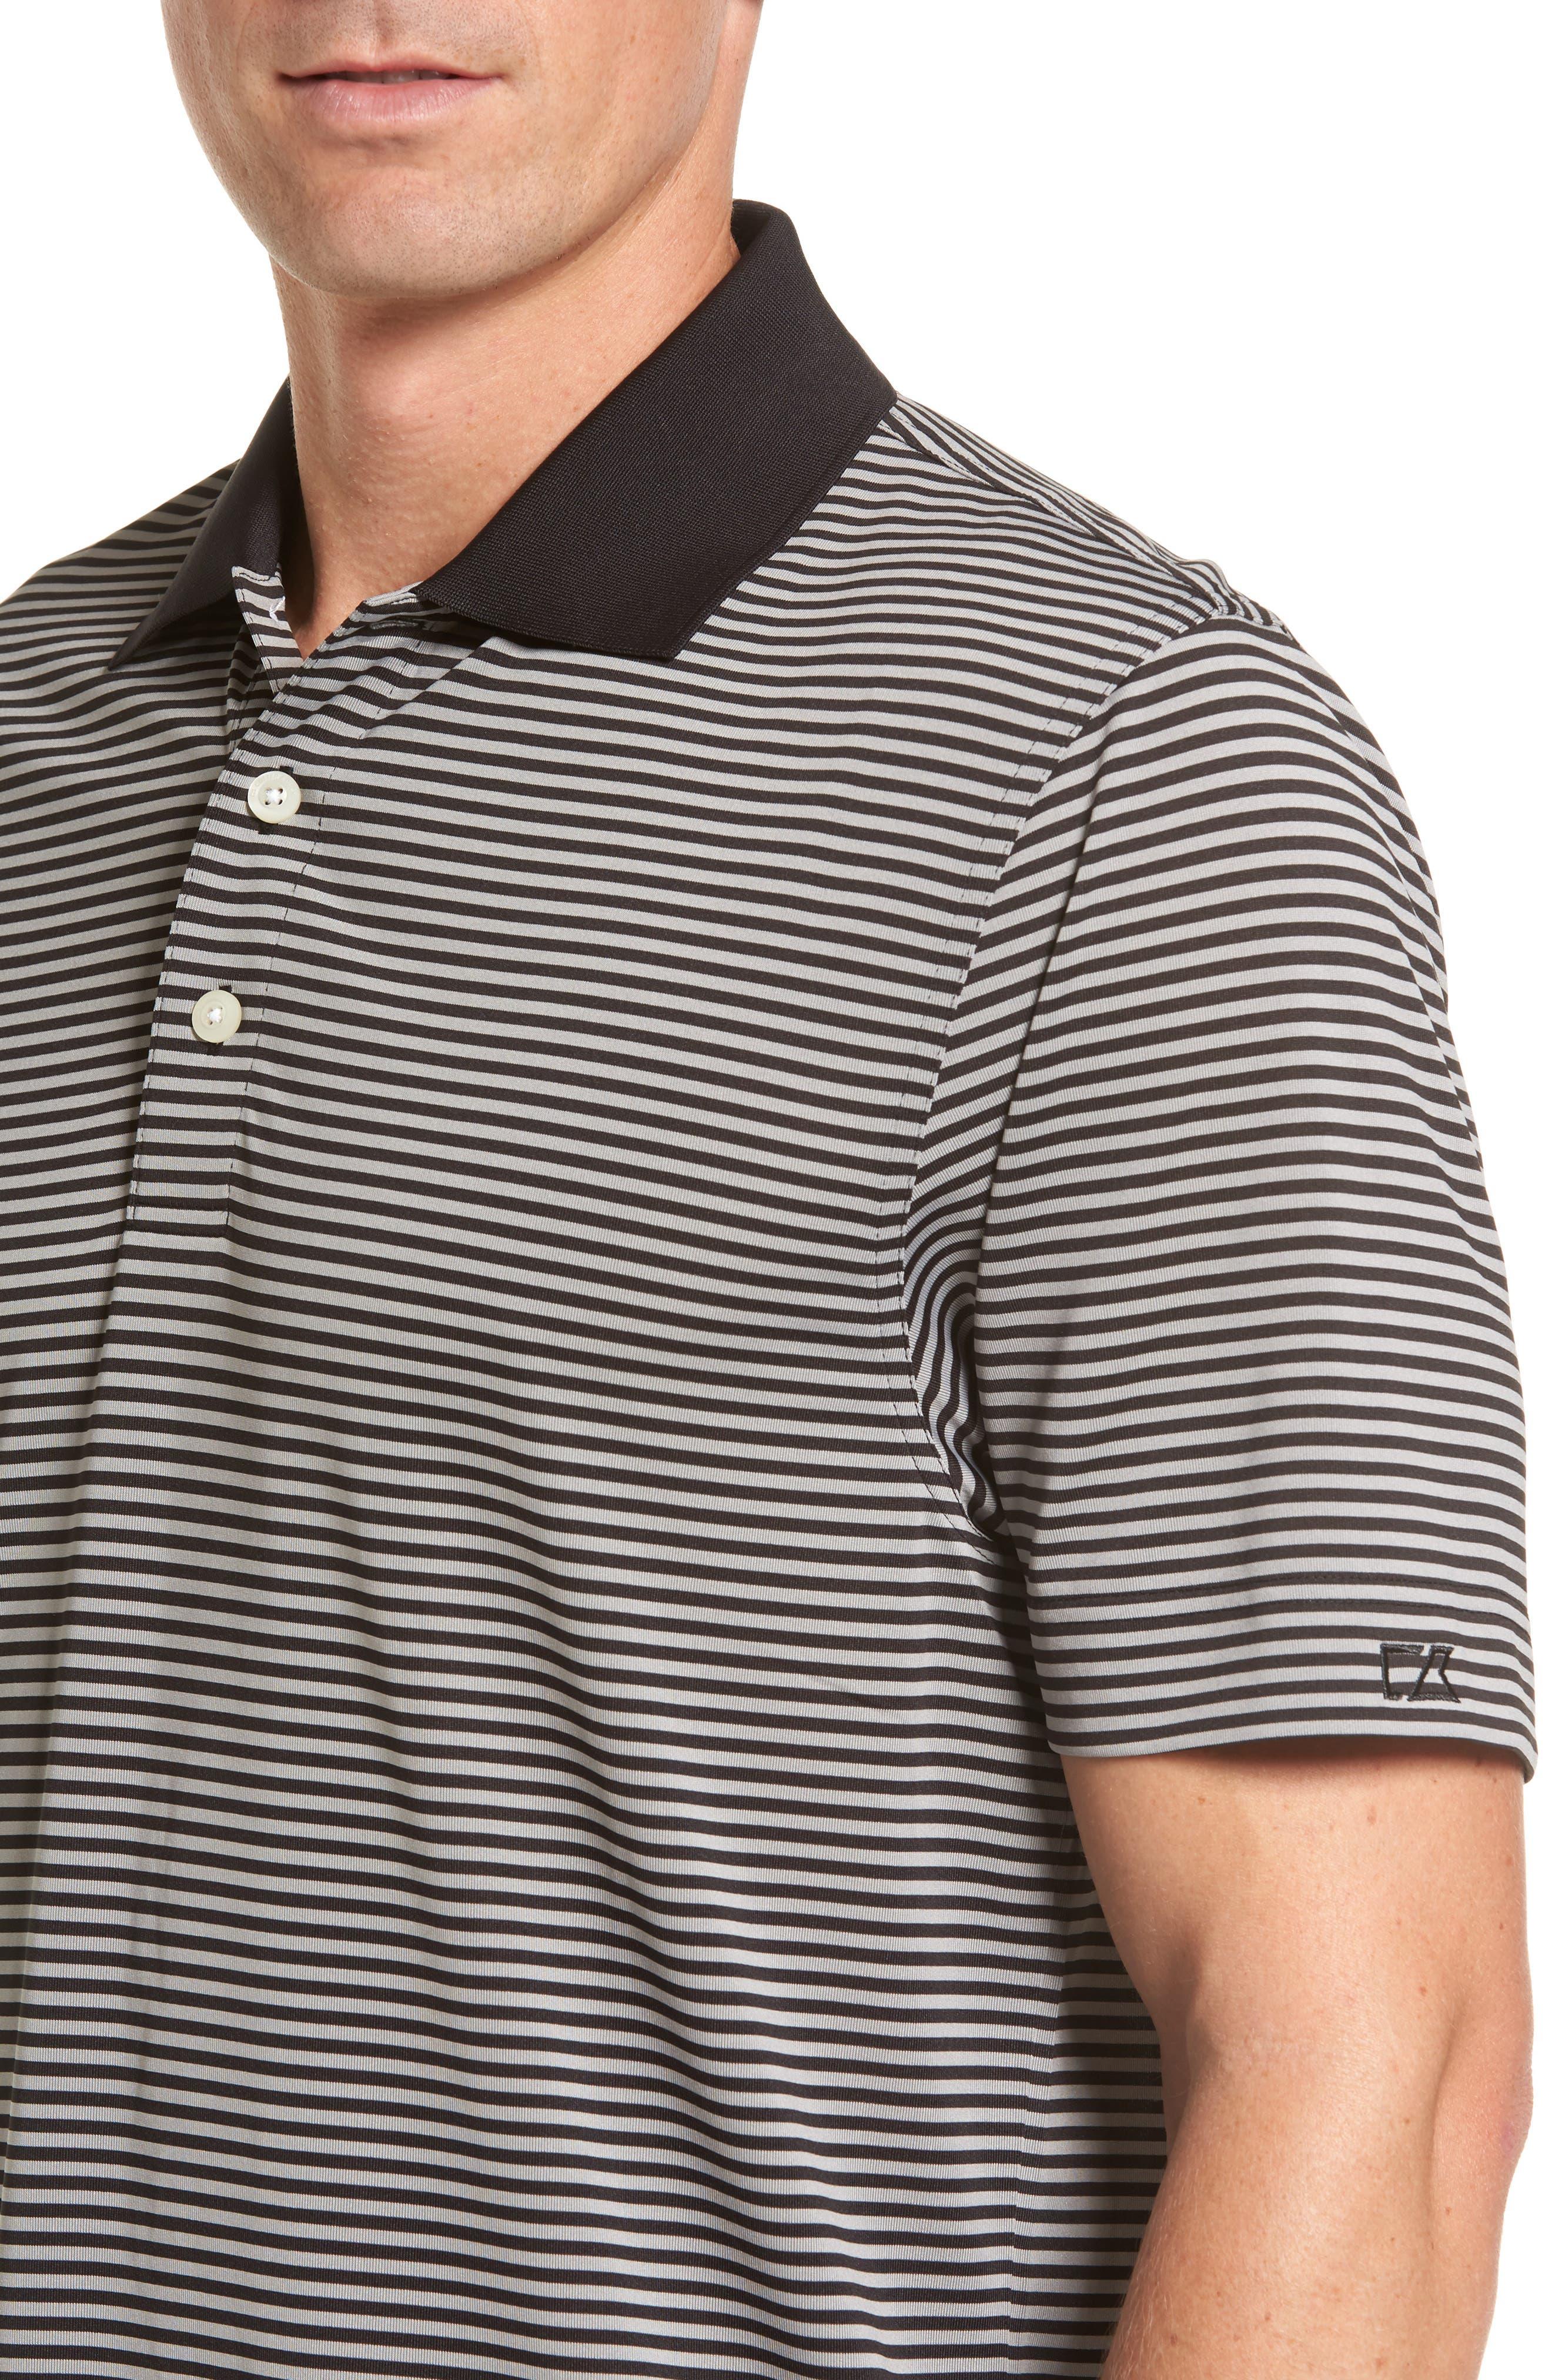 Trevor DryTec Moisture Wicking Golf Polo,                             Alternate thumbnail 4, color,                             BLACK/ OXIDE